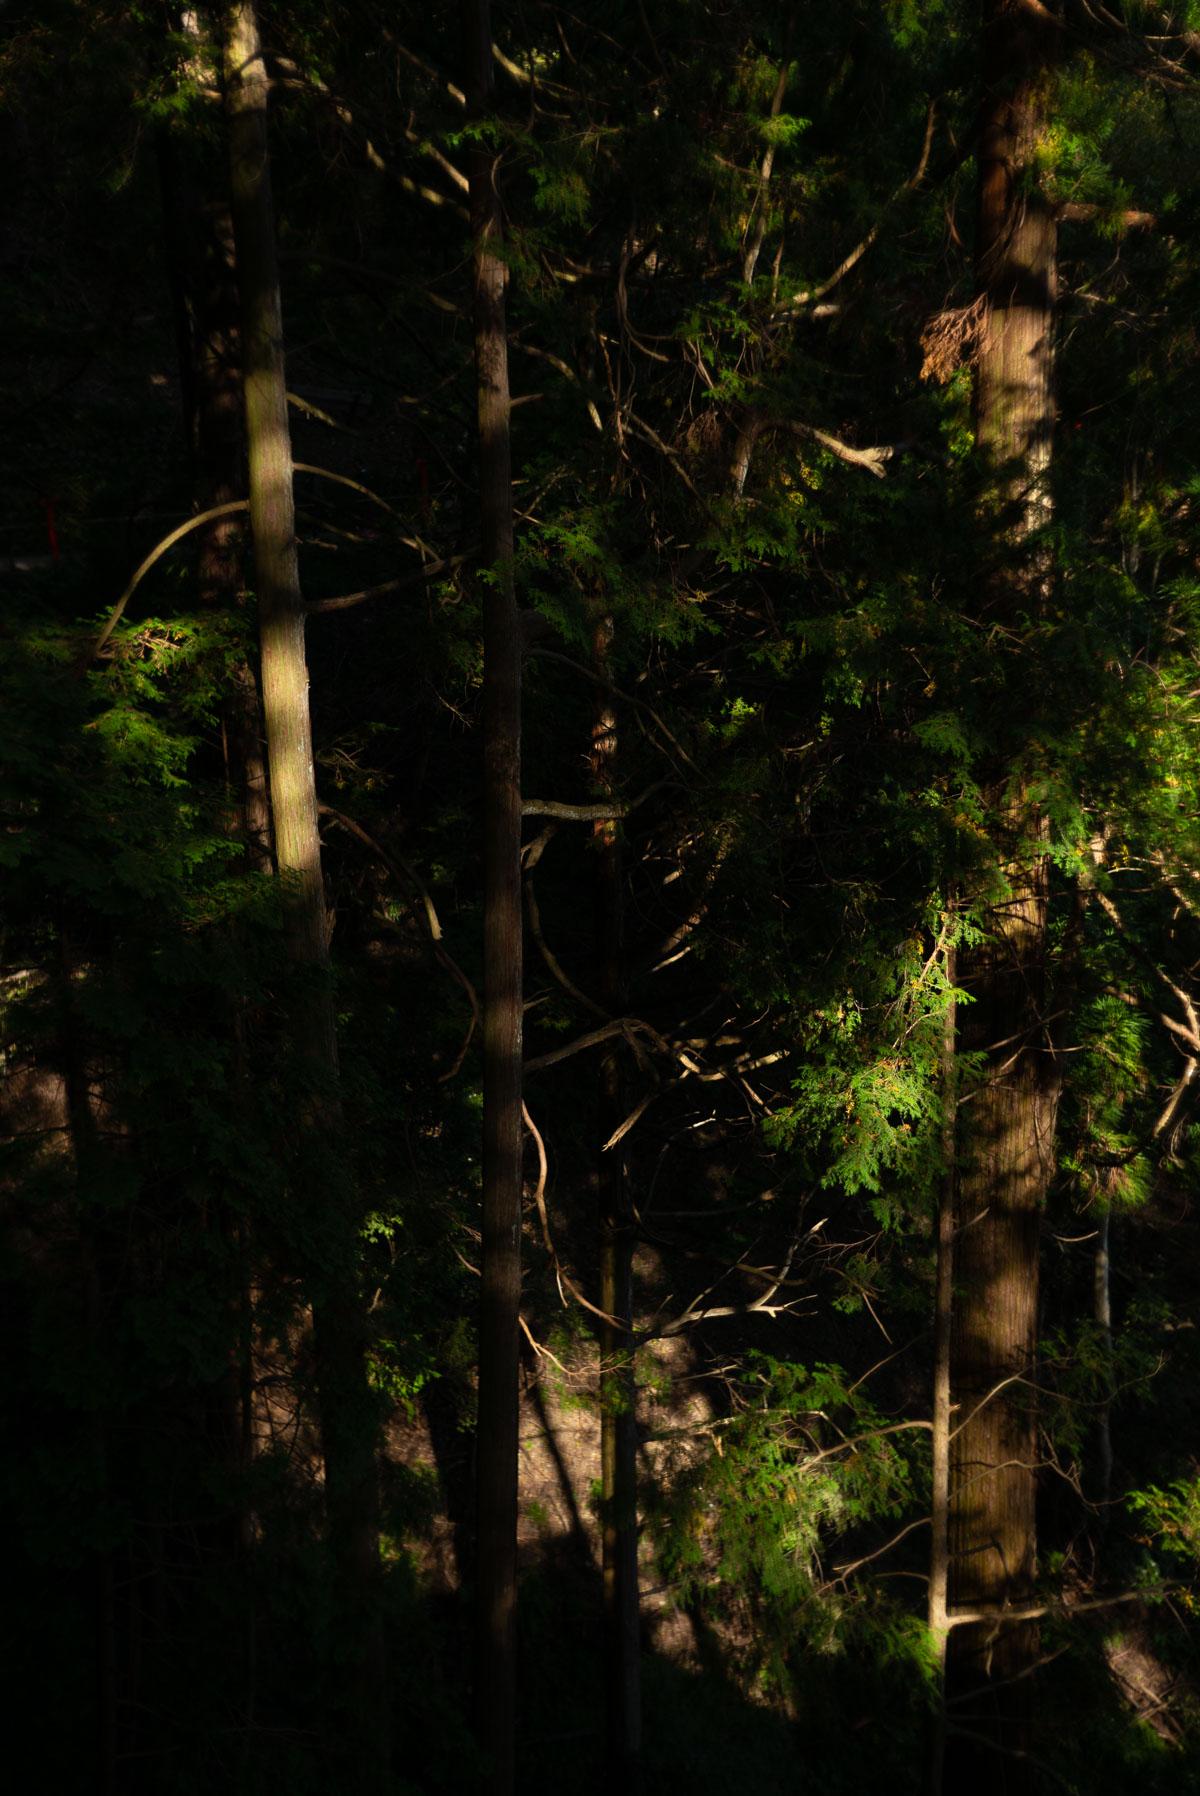 鞍馬山の陰影